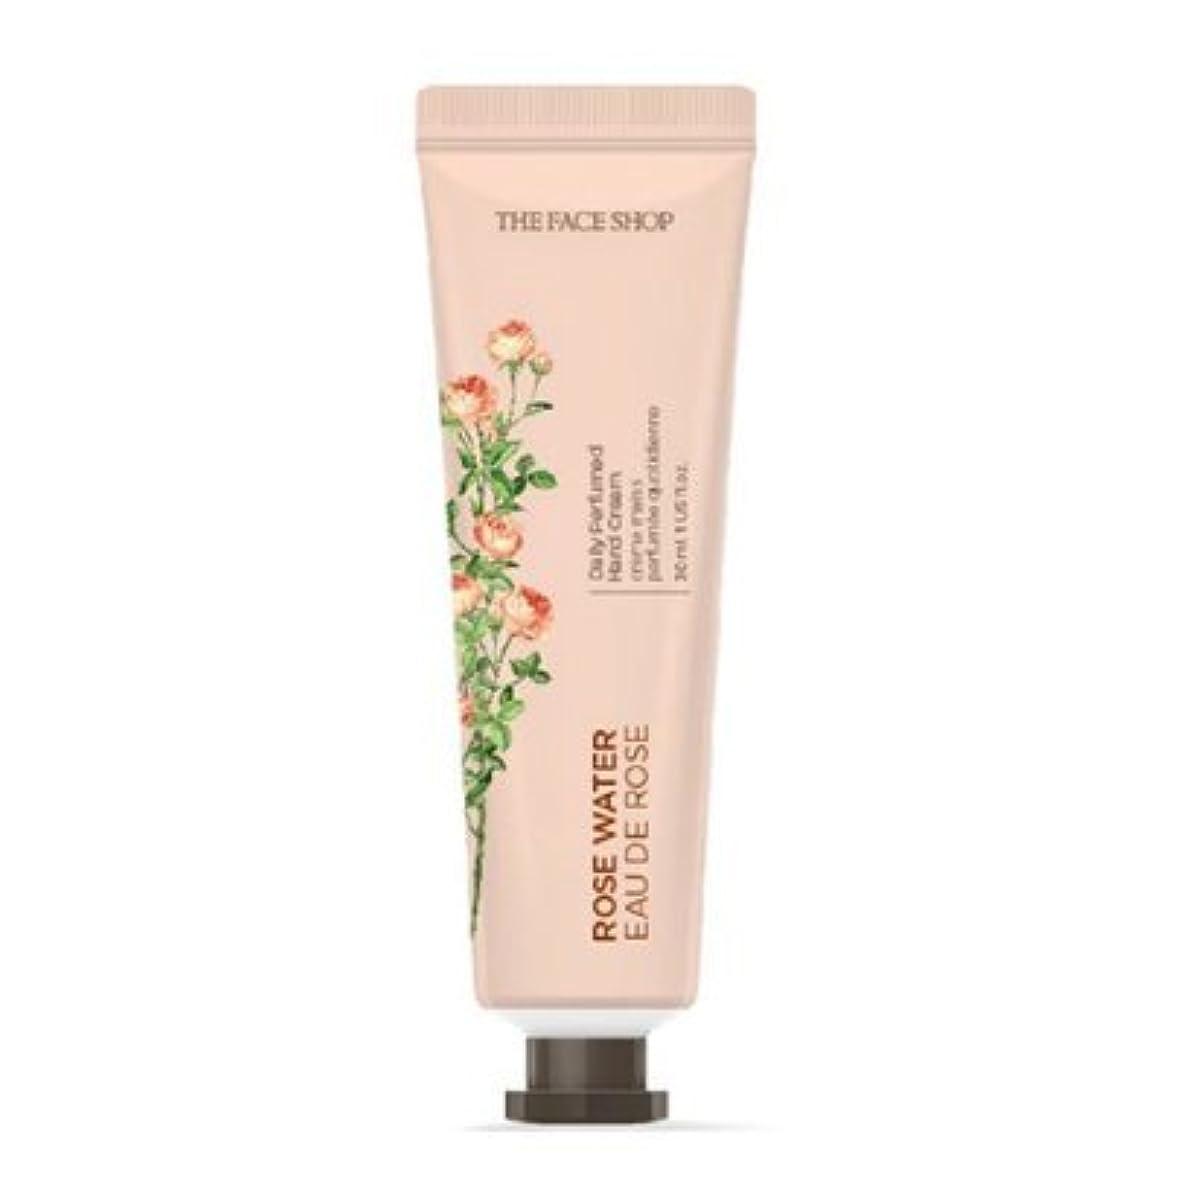 浮く自分の力ですべてをするカバー[1+1] THE FACE SHOP Daily Perfume Hand Cream [01.Rose Water] ザフェイスショップ デイリーパフュームハンドクリーム [01.ローズウォーター] [new] [並行輸入品]